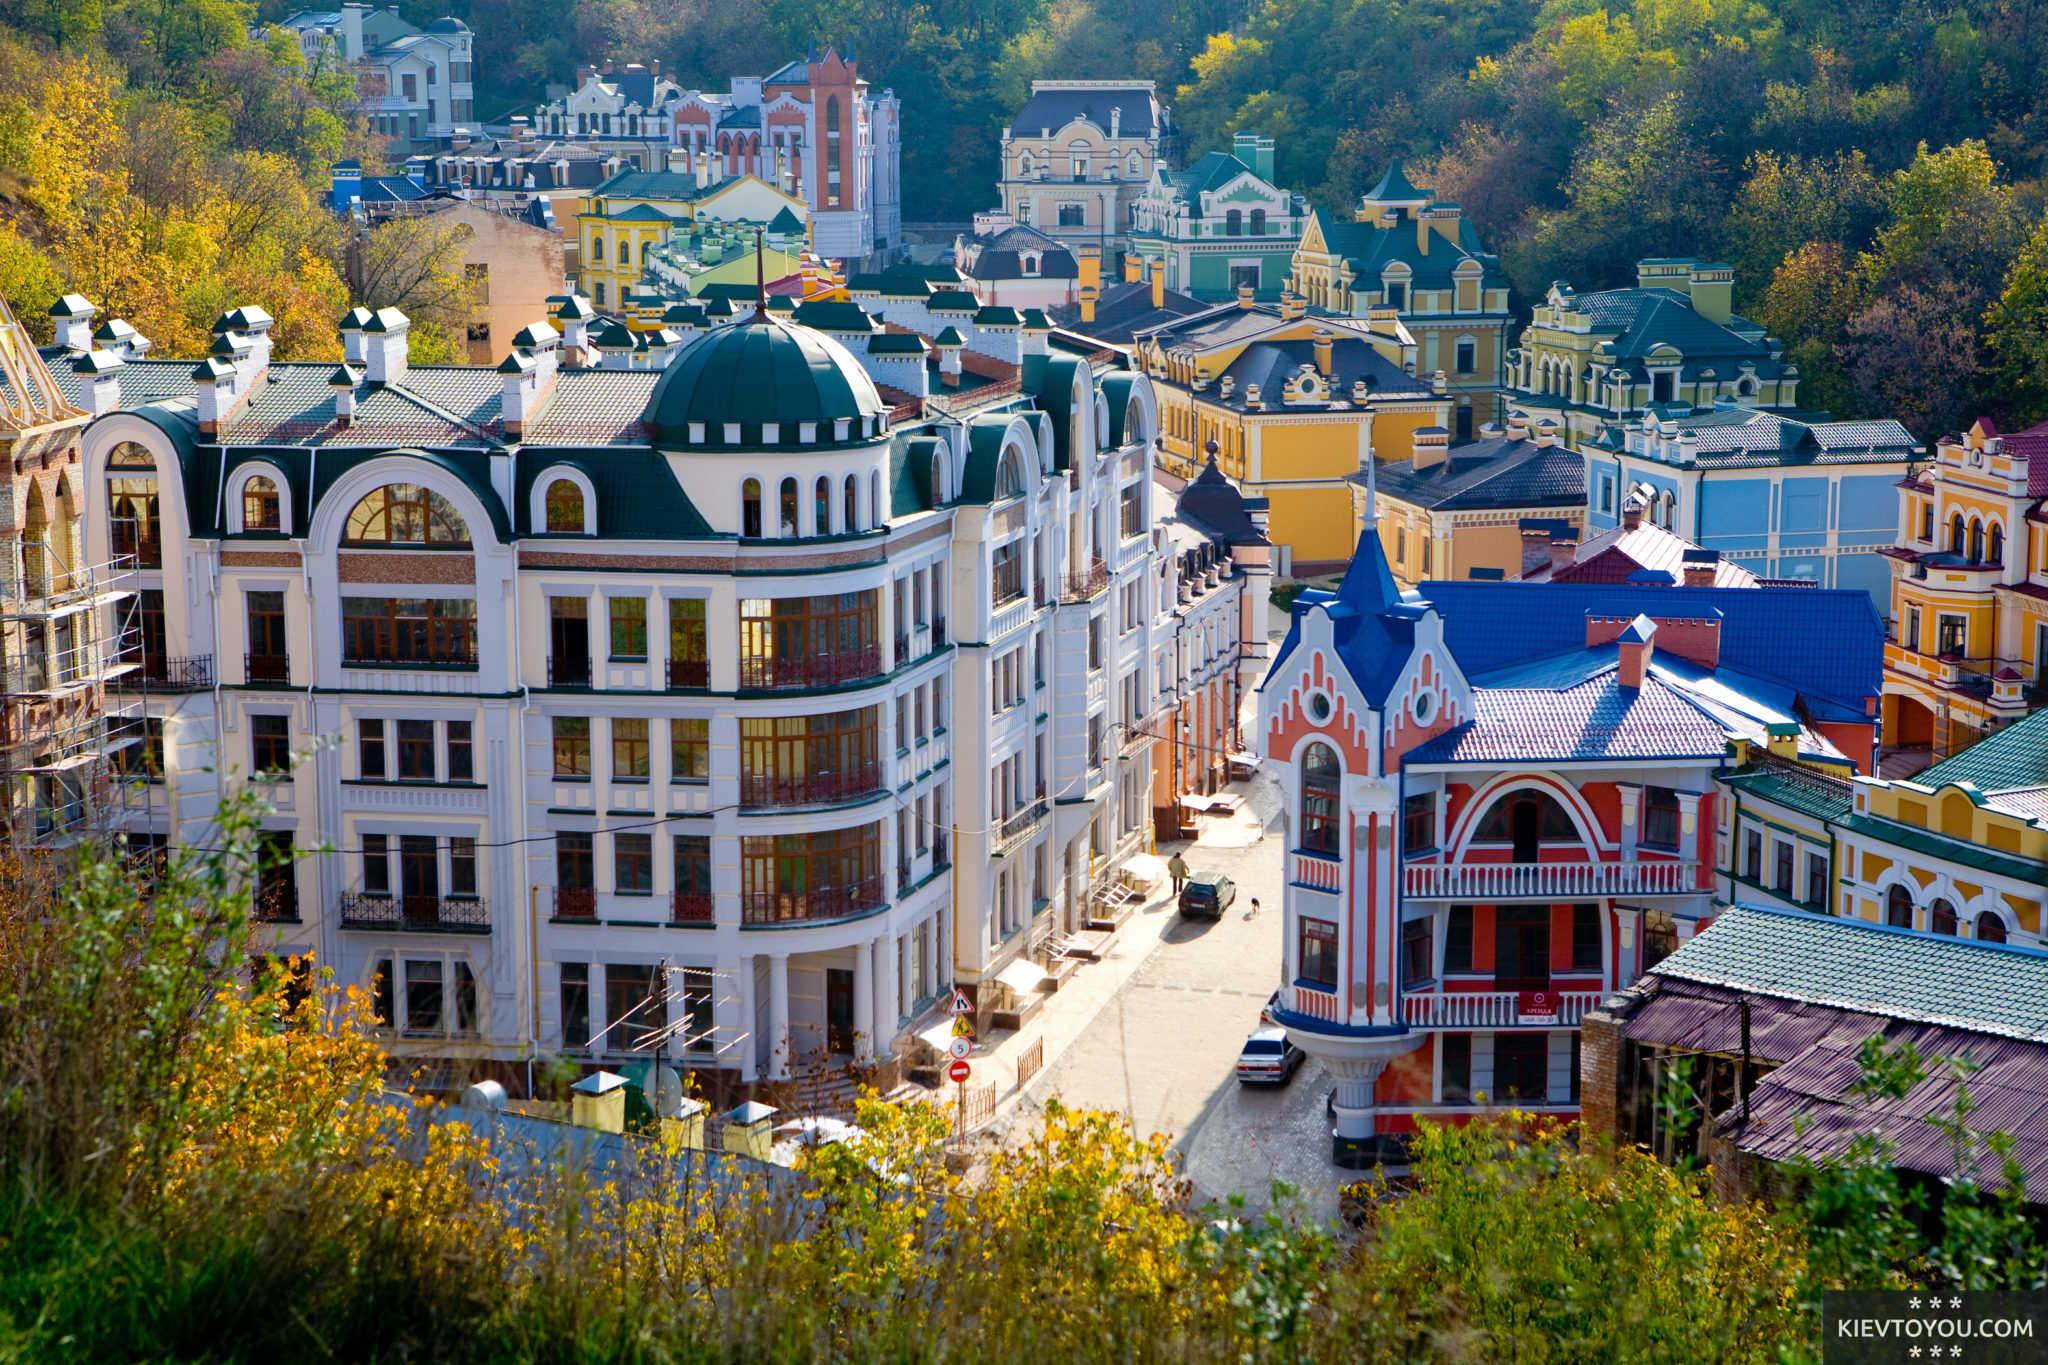 Одна из самых ярких улиц города - Воздвиженка в Киеве